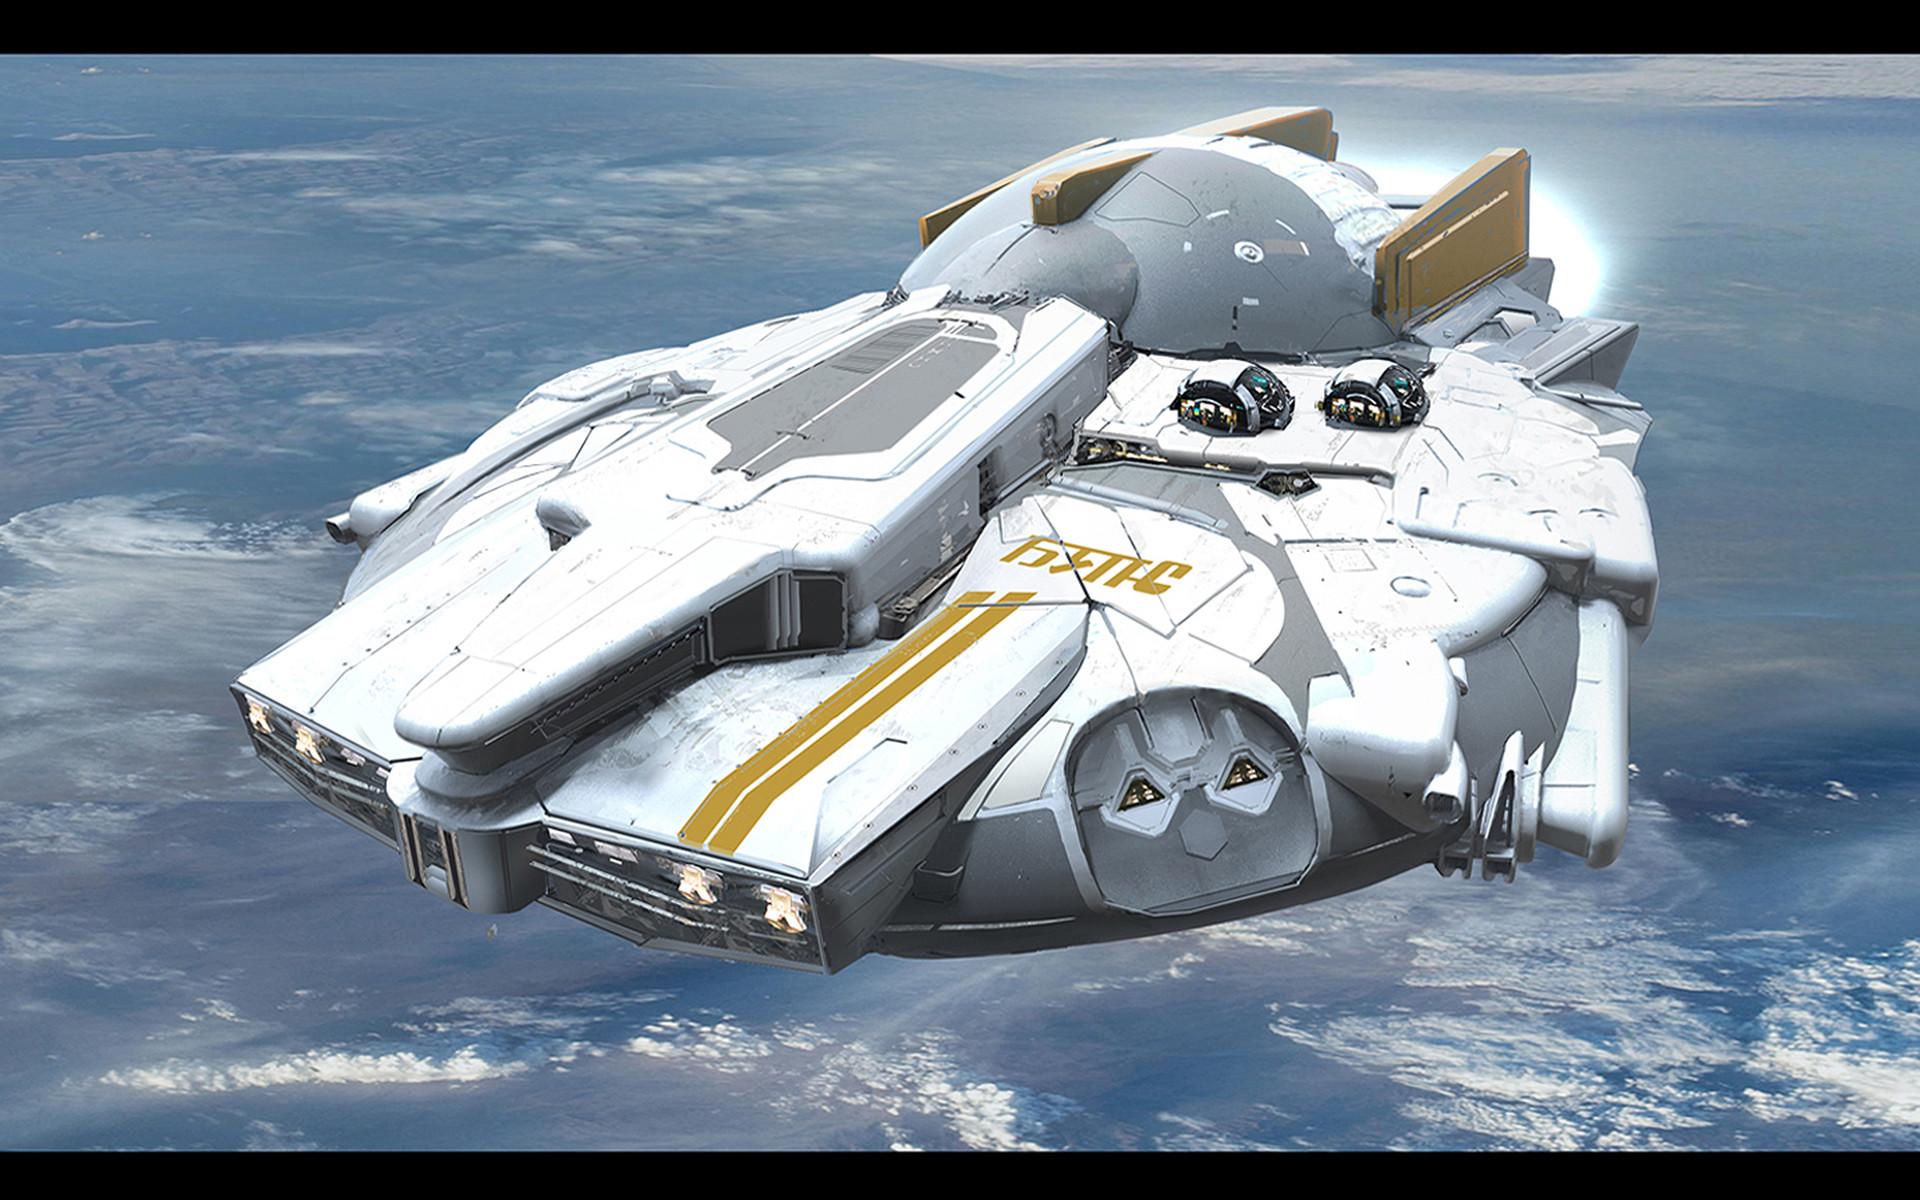 Greg danton flying ship